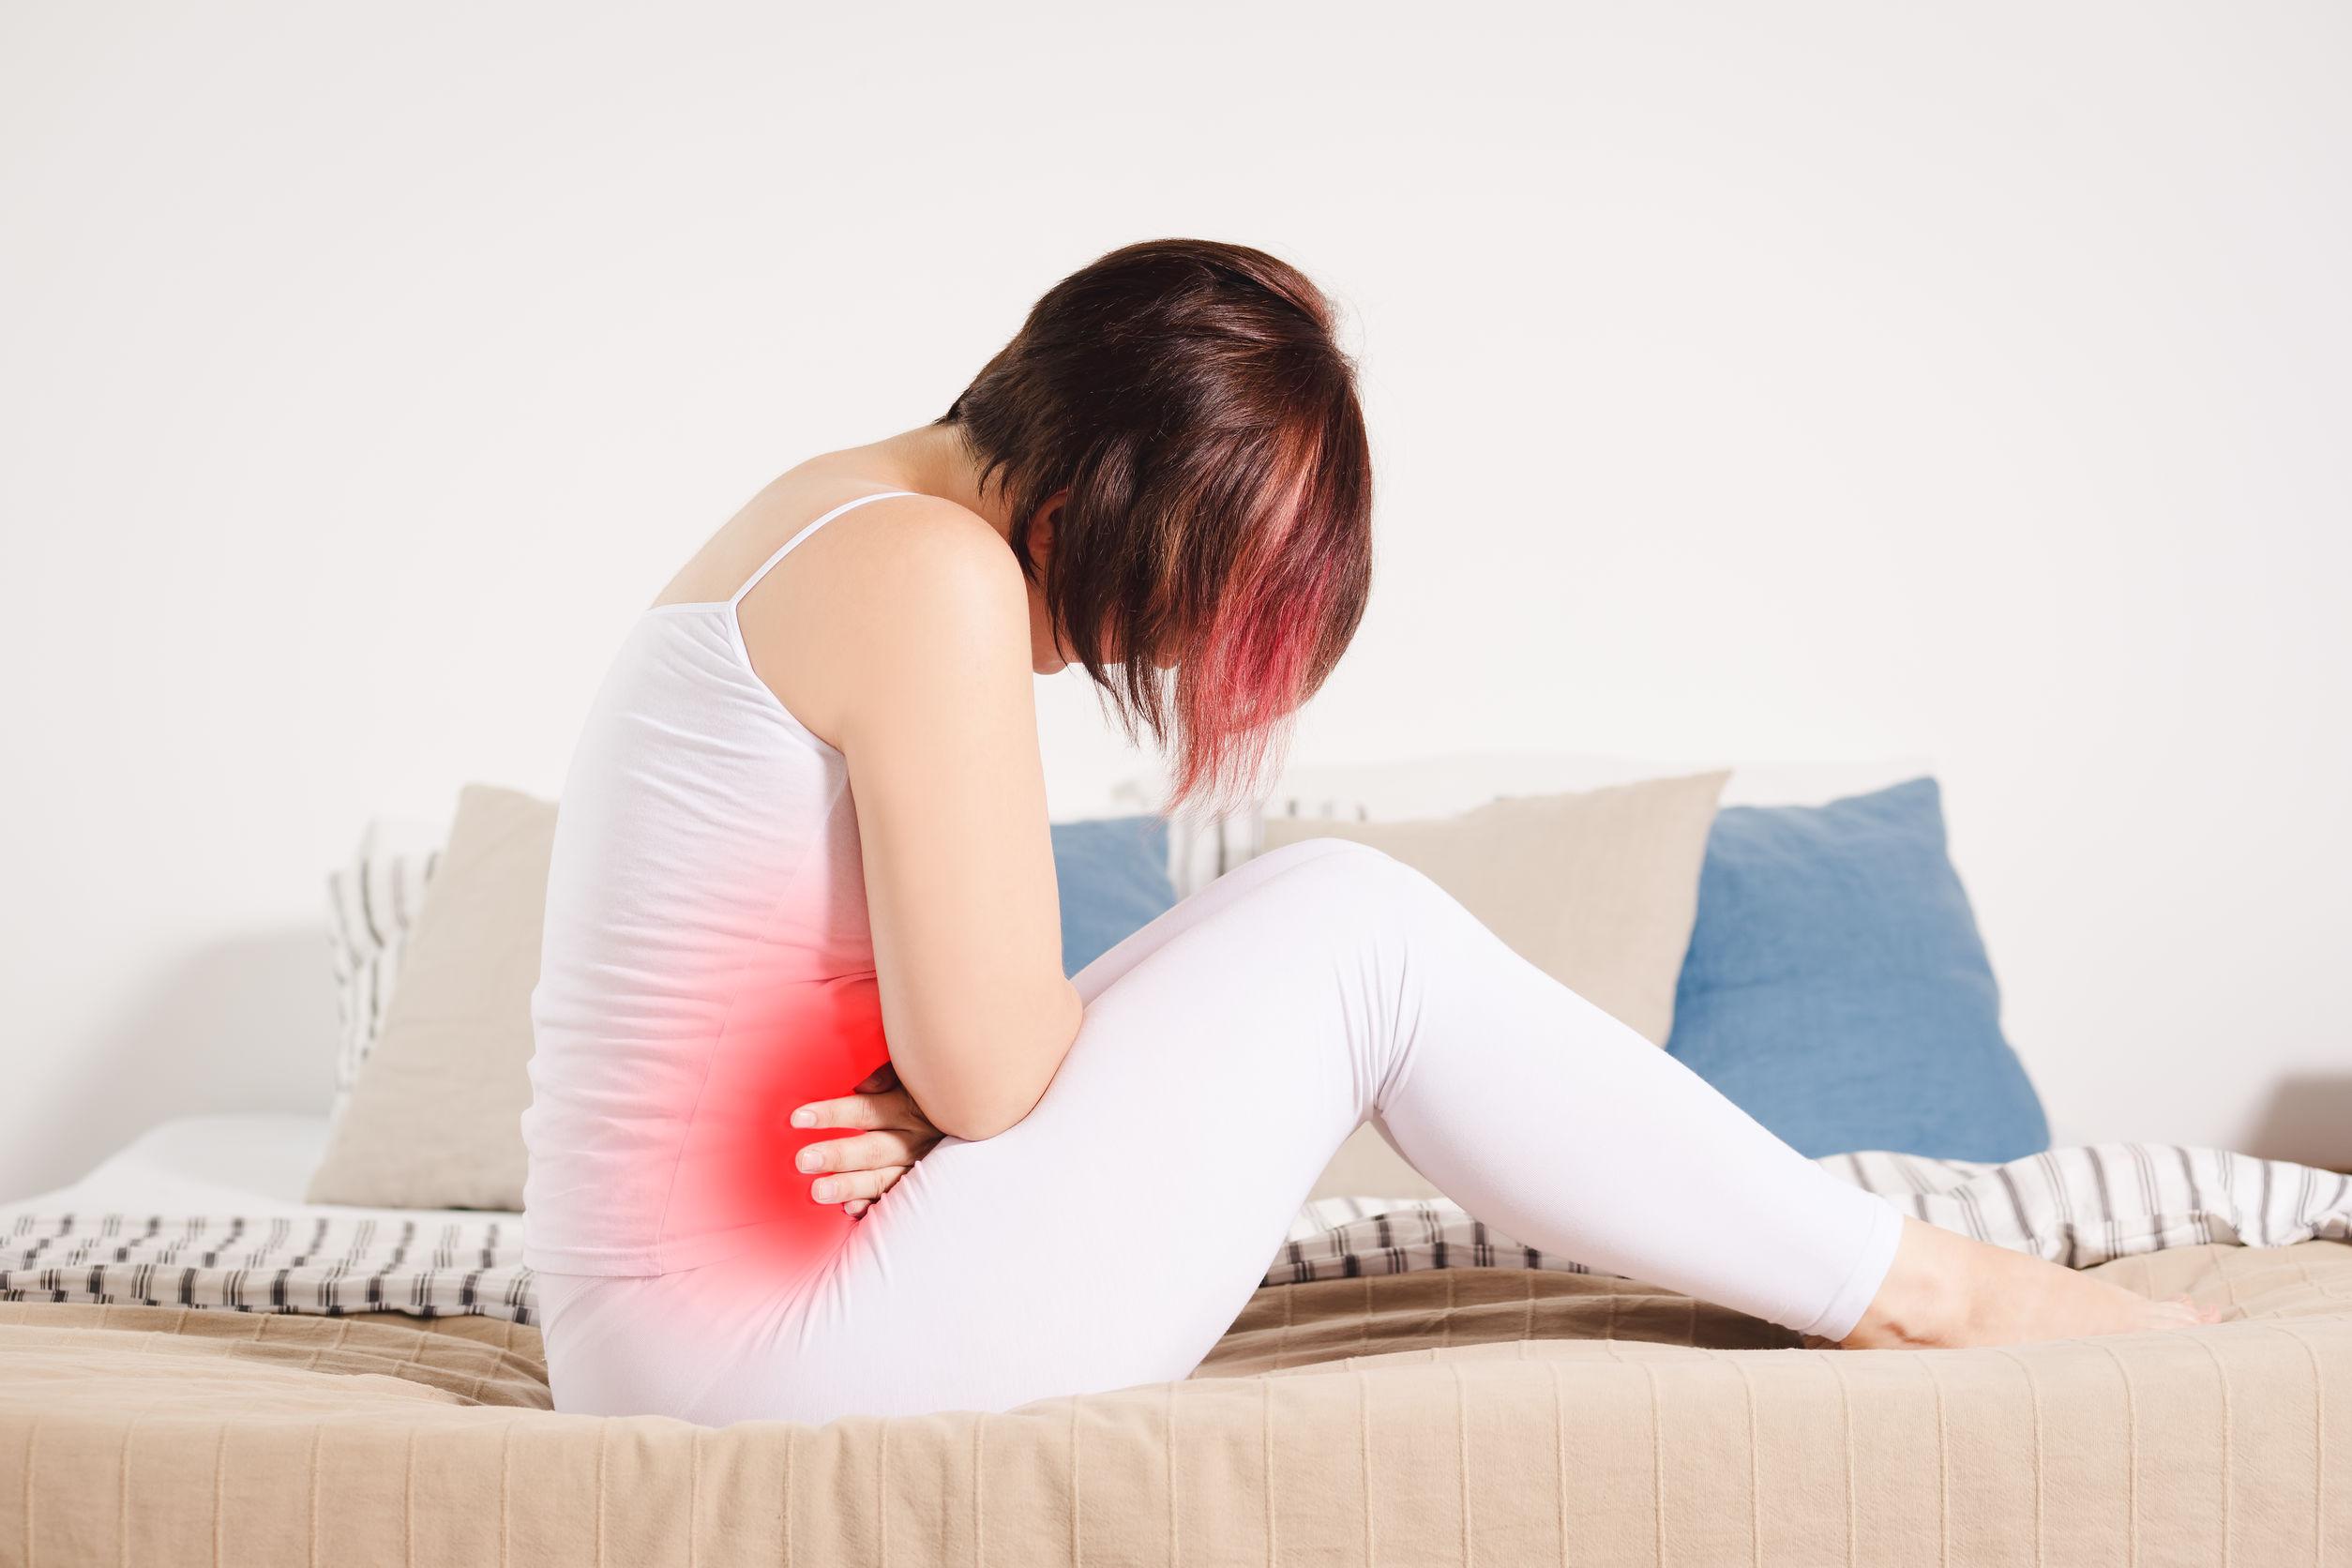 dr-angela-Endometriosis-symptoms-woman-in-pain